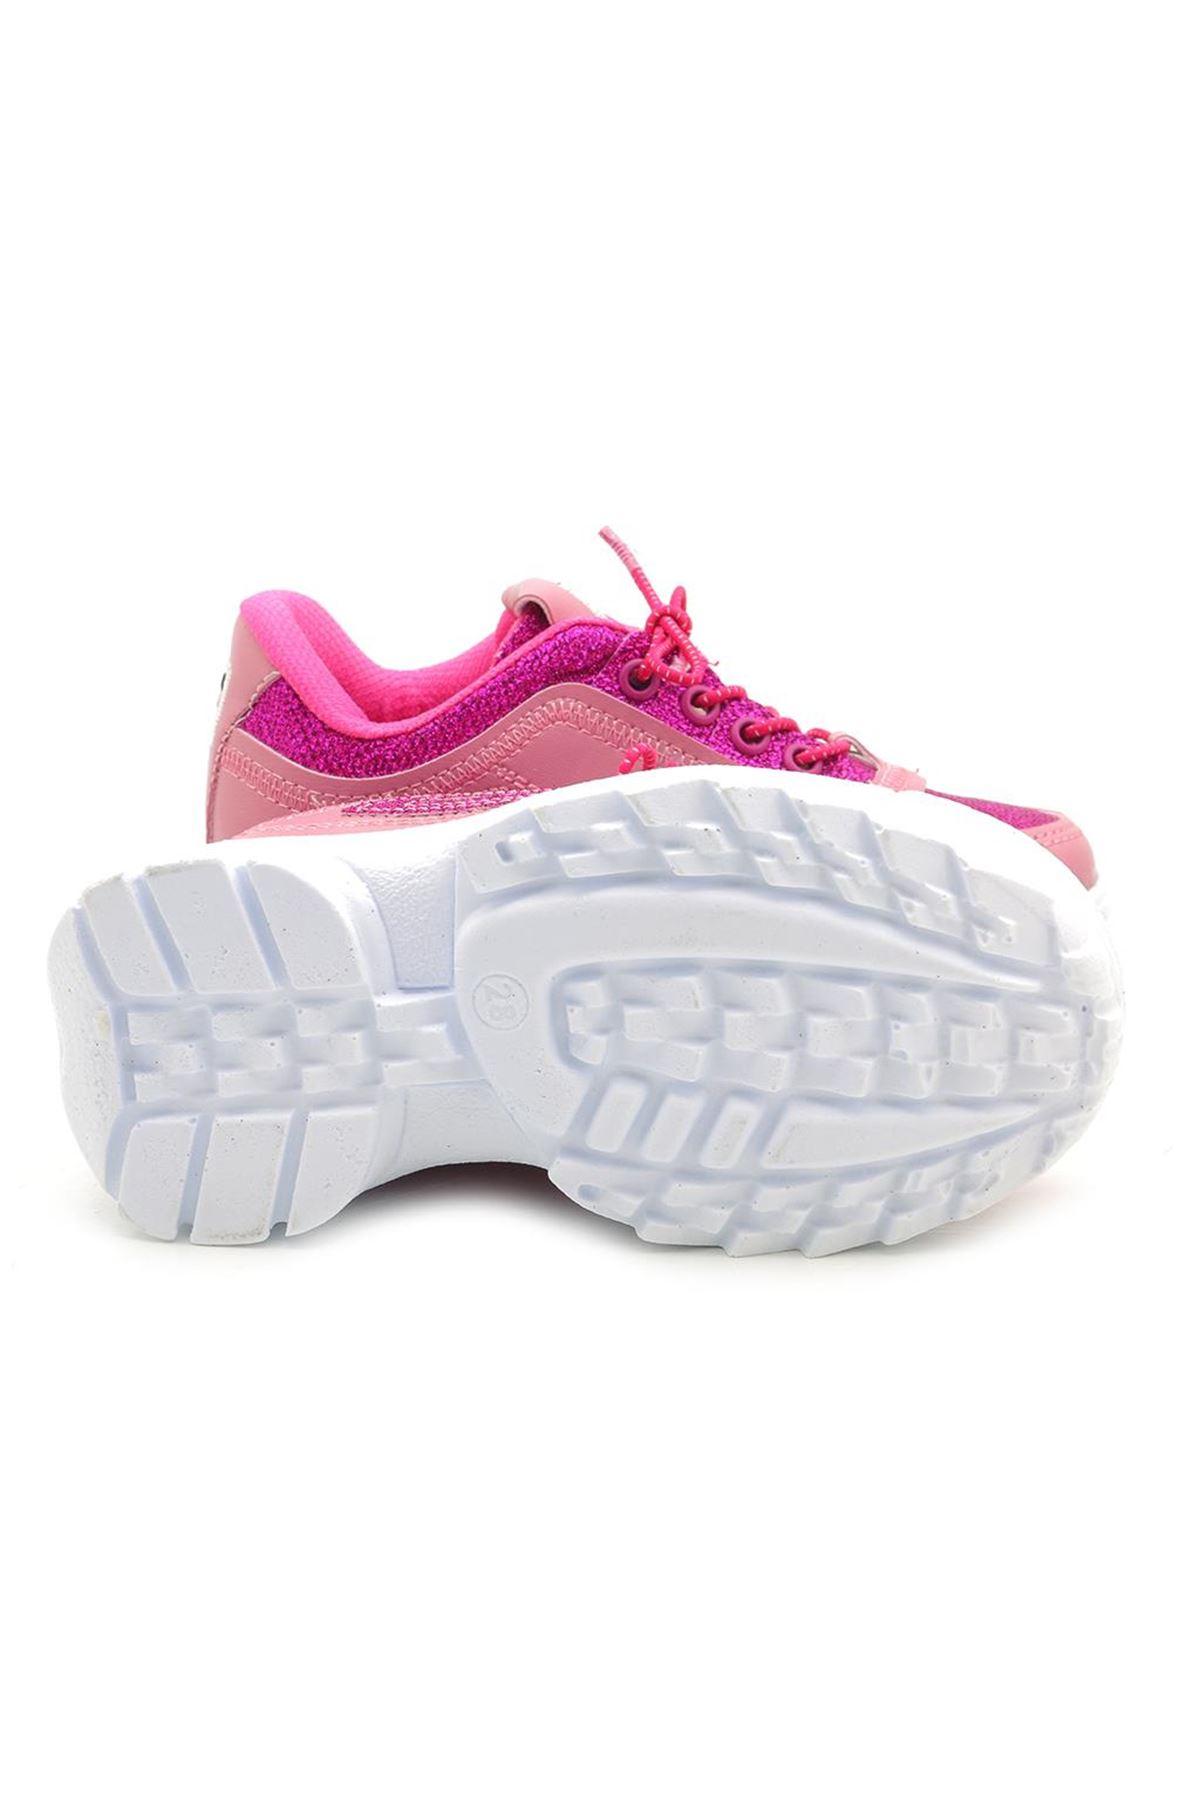 Kids World Fuşya Yüksek Taban Kız Çocuk Spor Ayakkabı